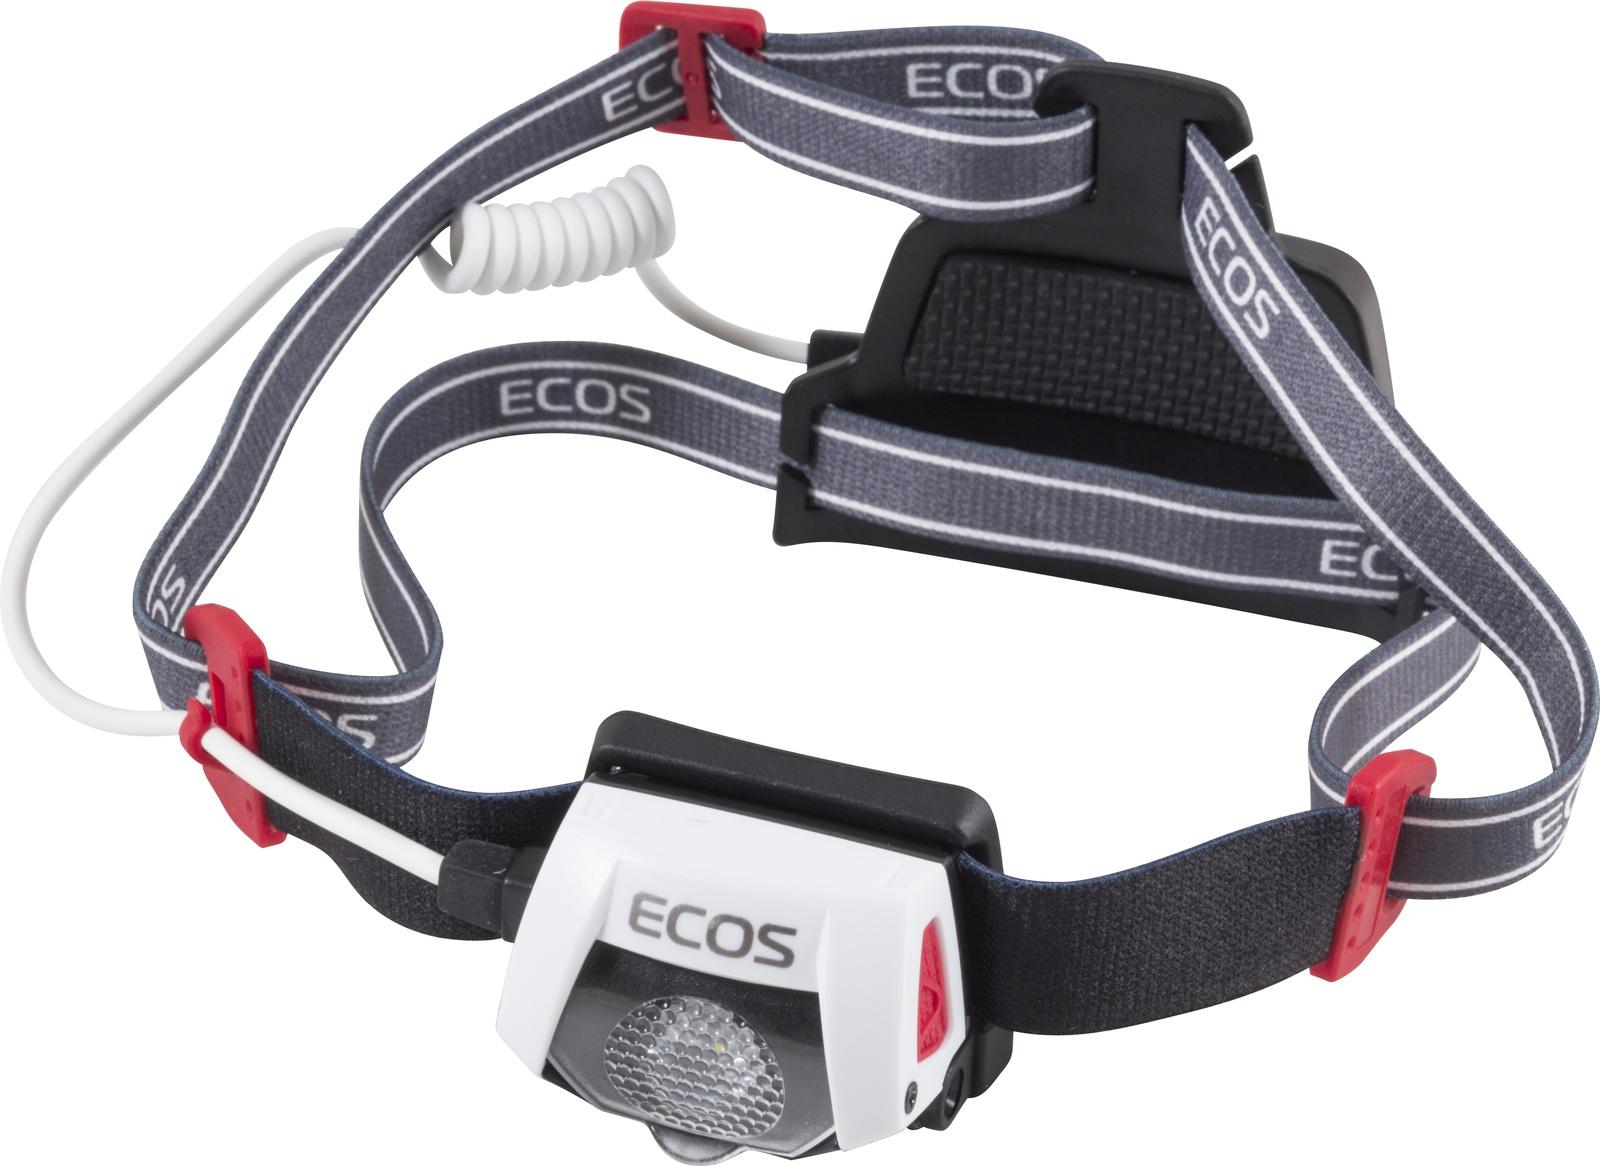 Налобный фонарь Ecos FLHC6012, белый, черный налобный фонарь ecos flhb6008 белый черный